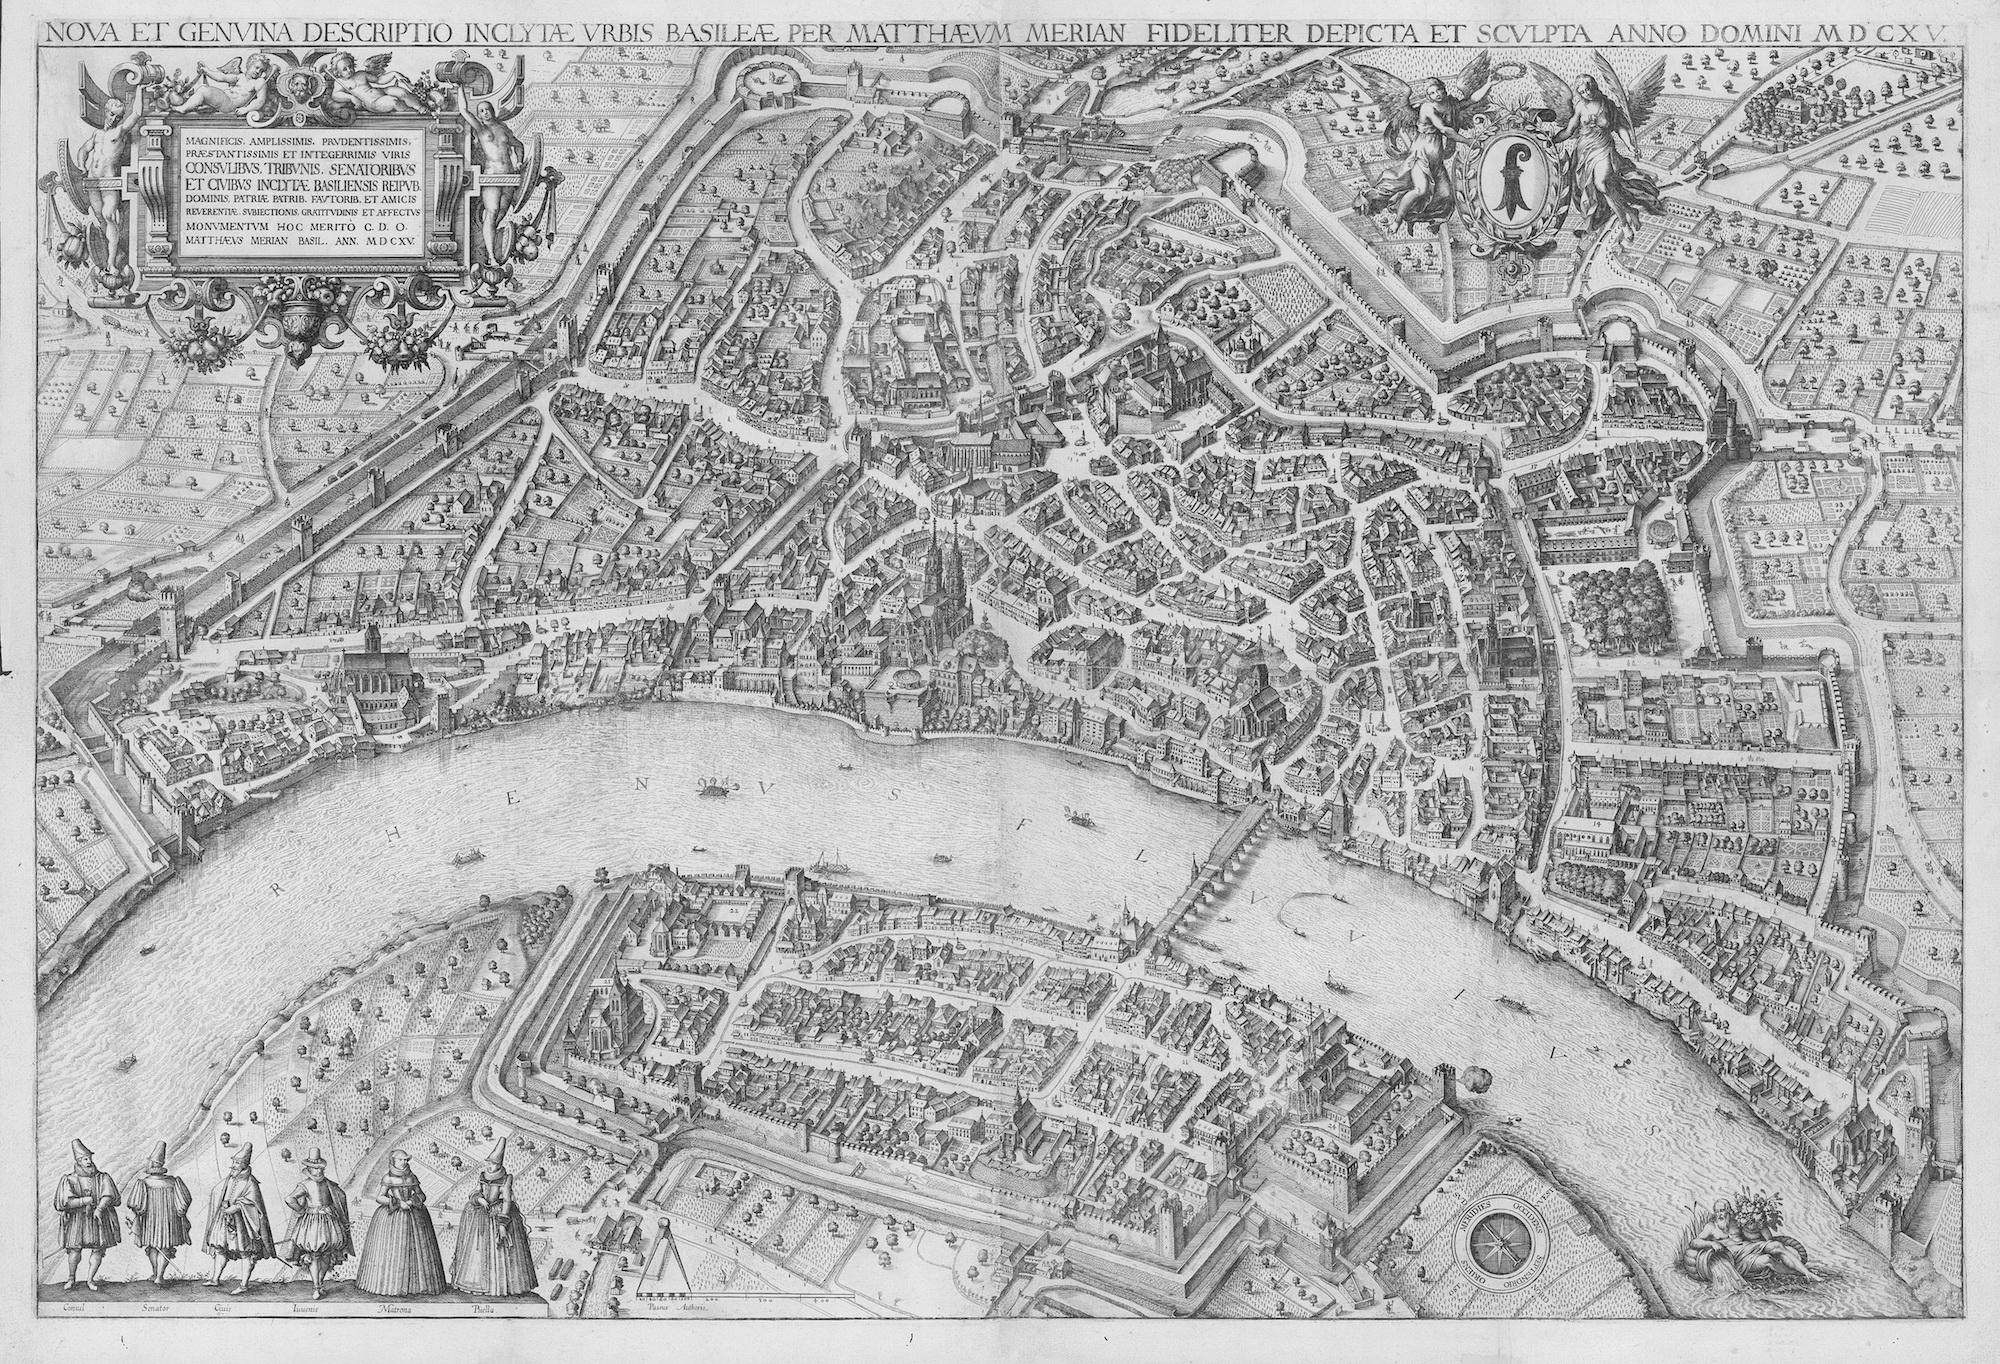 Die bekannte Vogelschau der Stadt Basel von Matthäus Merian d. Ä. bildet den Rahmen des Games.